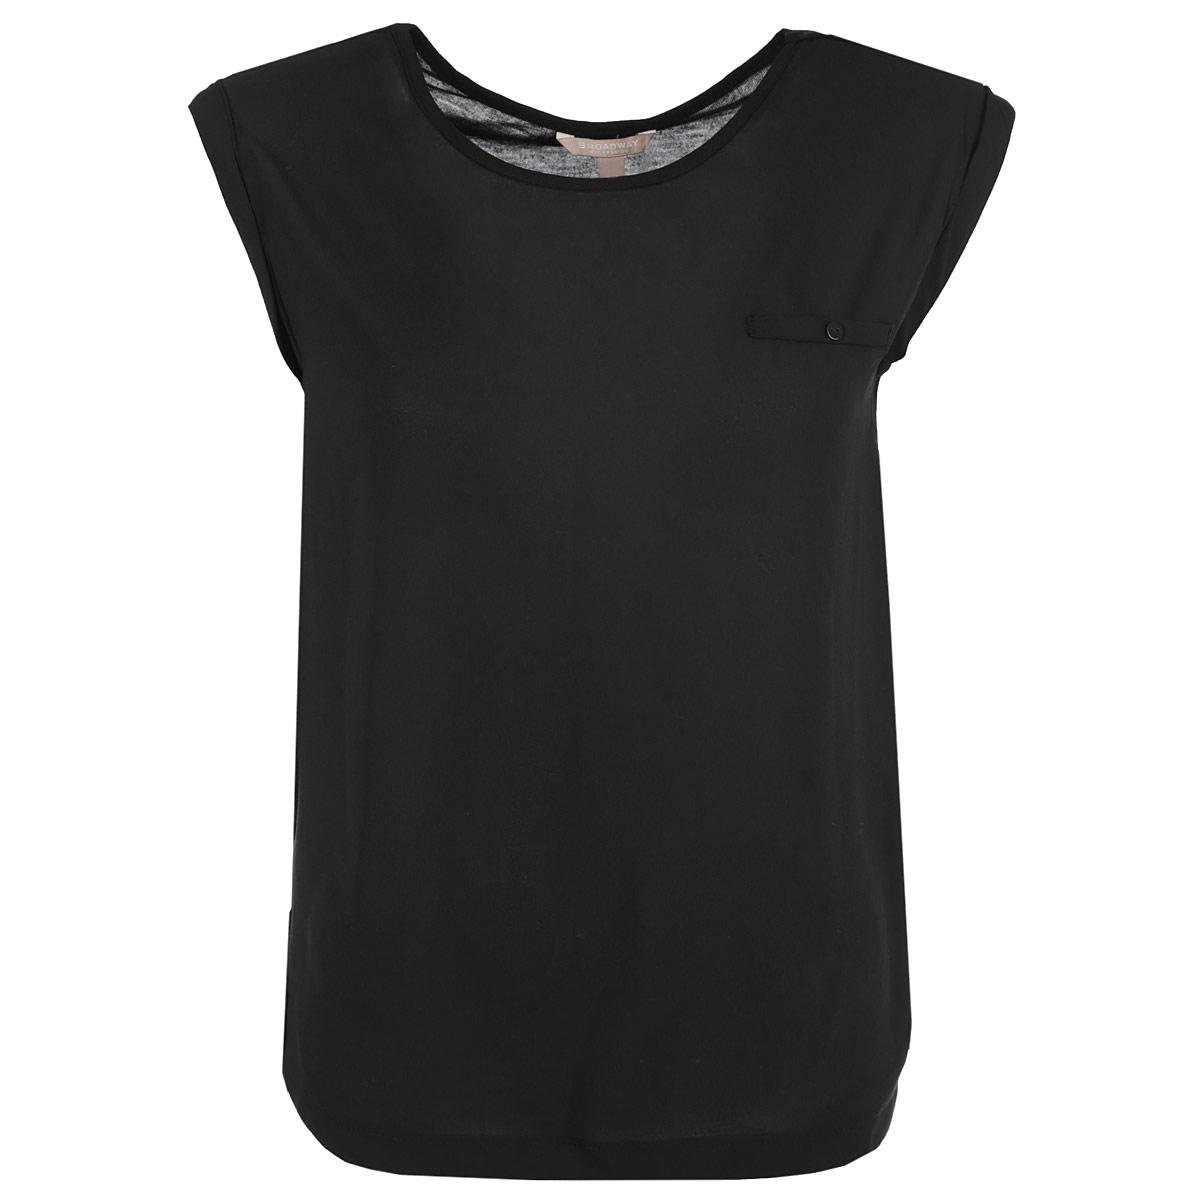 Блузка. 1015235310152353 001Стильная блузка Broadway, выполненная из высококачественного материала, - находка для современной женщины, желающей выглядеть стильно и модно. Перед блузки выполнен из полиэстера, спинка - из полиэстера и вискозы. Модель свободного кроя с короткими рукавами и круглым вырезом горловины будет отлично на вас смотреться. На груди блузка оформлена имитацией прорезного кармашка на пуговице. Рукава оформлены набольшими отворотами. Такая модель, несомненно, вам понравится и послужит отличным дополнением к вашему гардеробу.